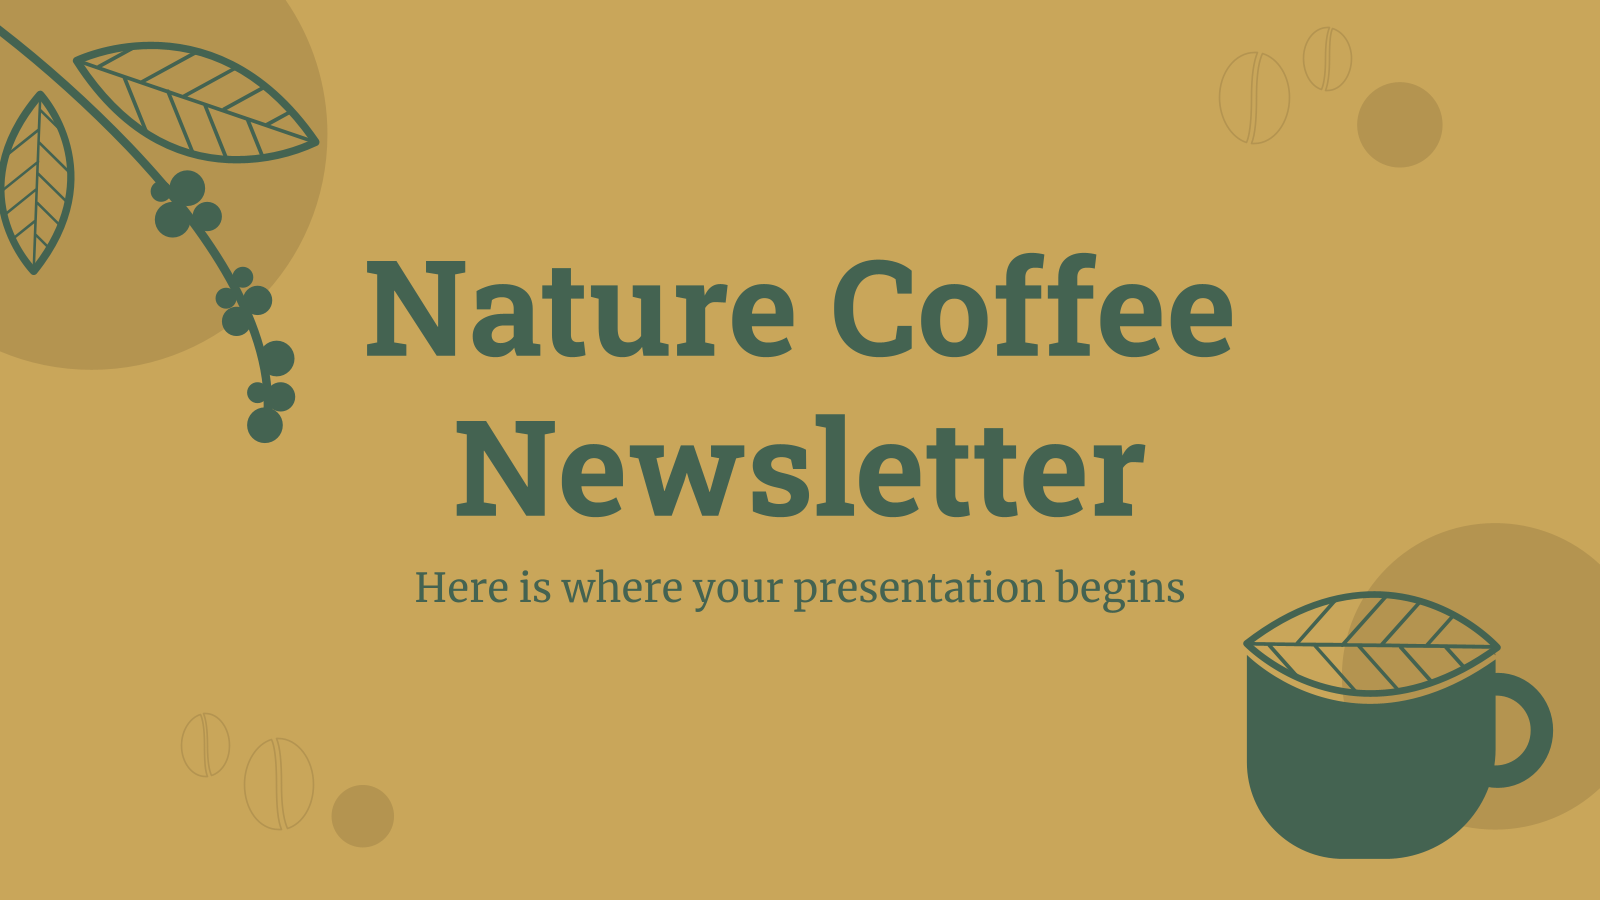 Modelo de apresentação Newsletter Café natural